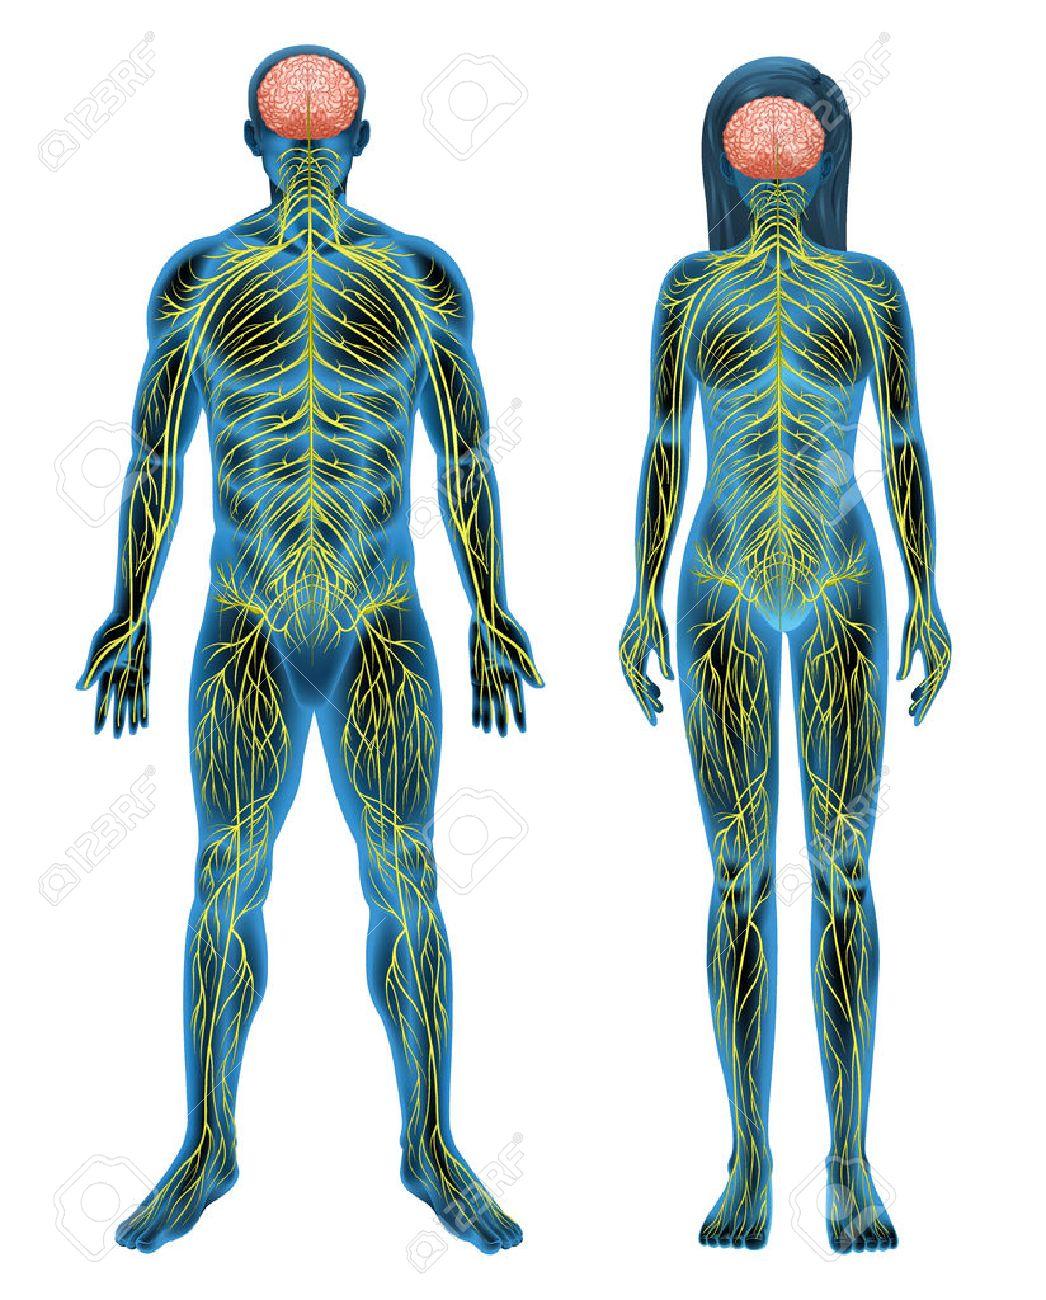 Ausgezeichnet Bilder Menschliches Männliches Fortpflanzungssystem ...